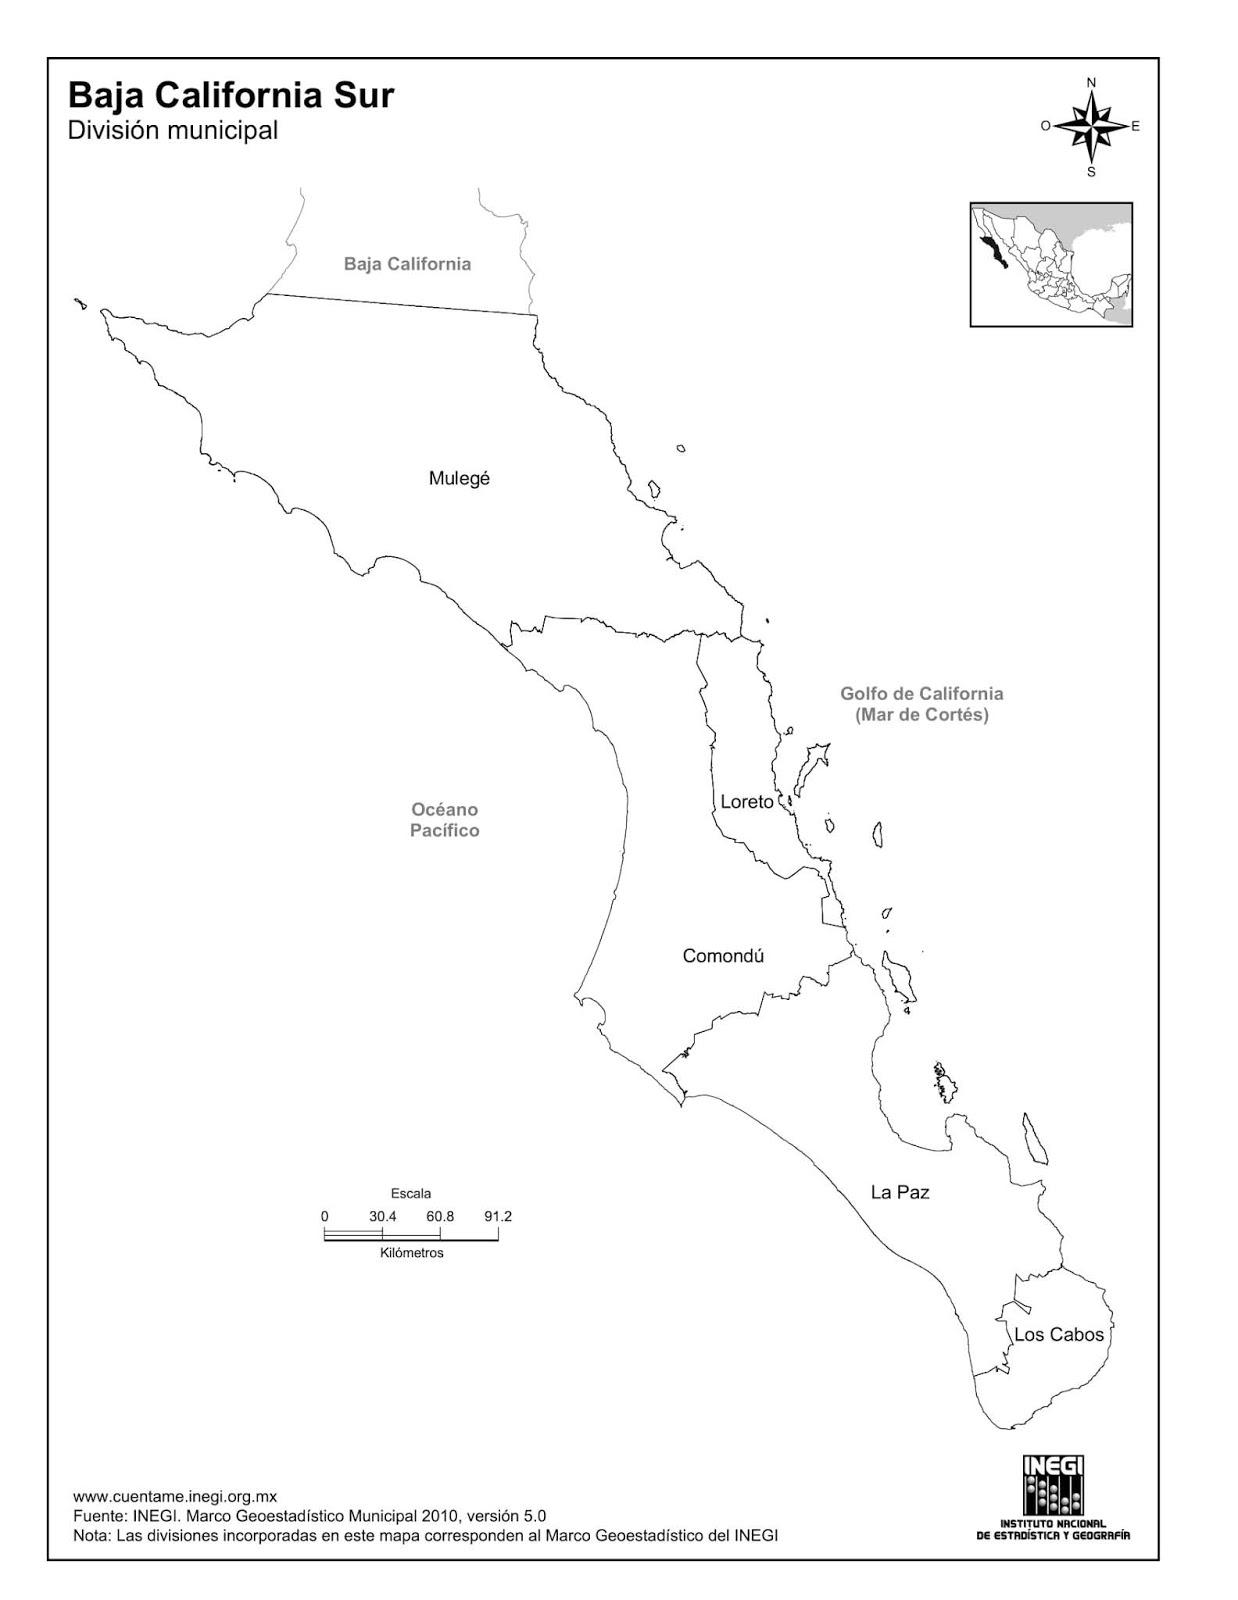 La cartografía: Mapa de Baja California Sur. División municipal ...